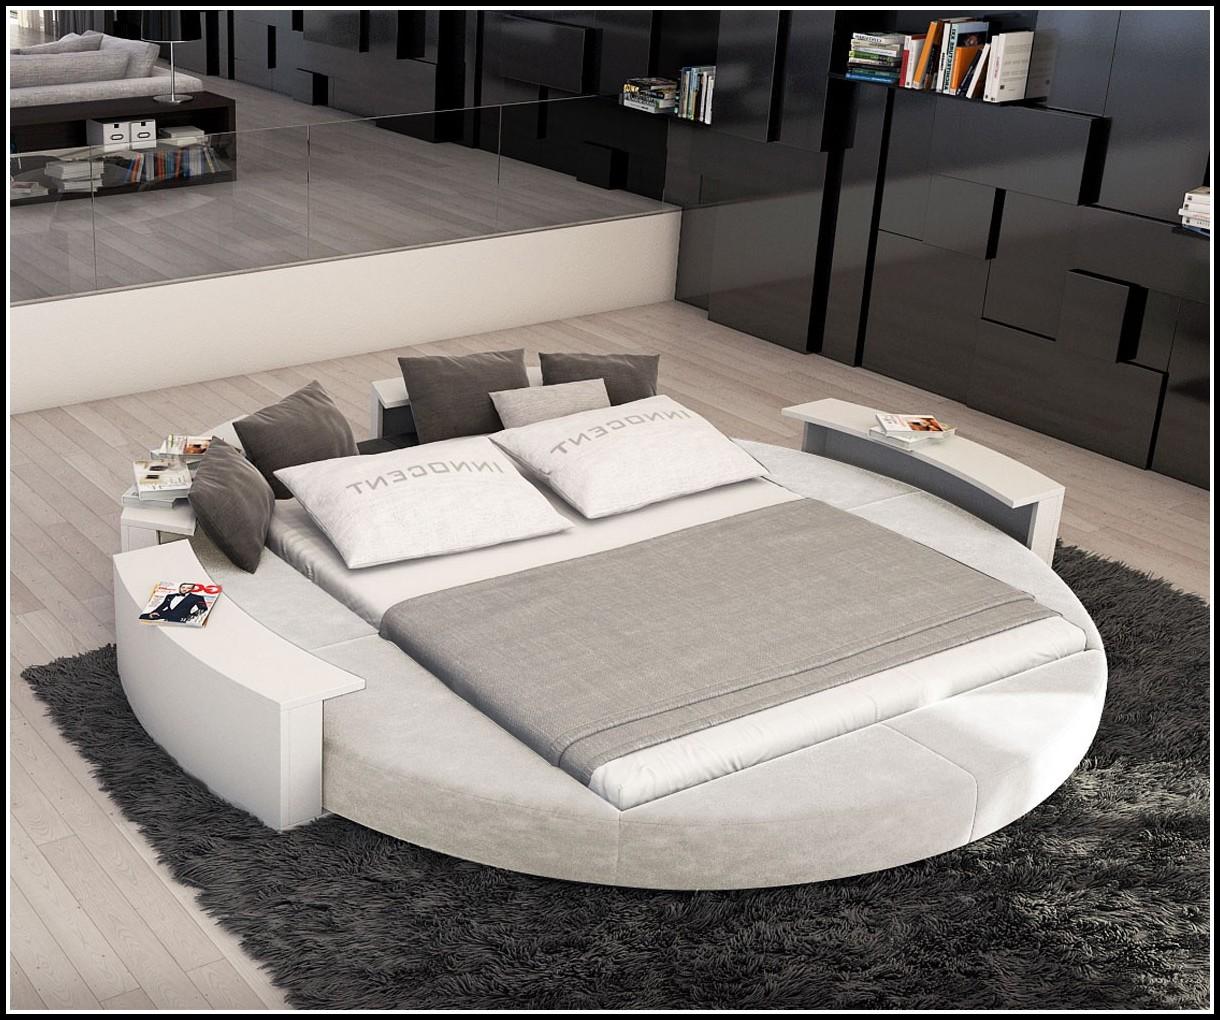 Ausergewohnliche Betten 140x200 Betten House Und Dekor Galerie